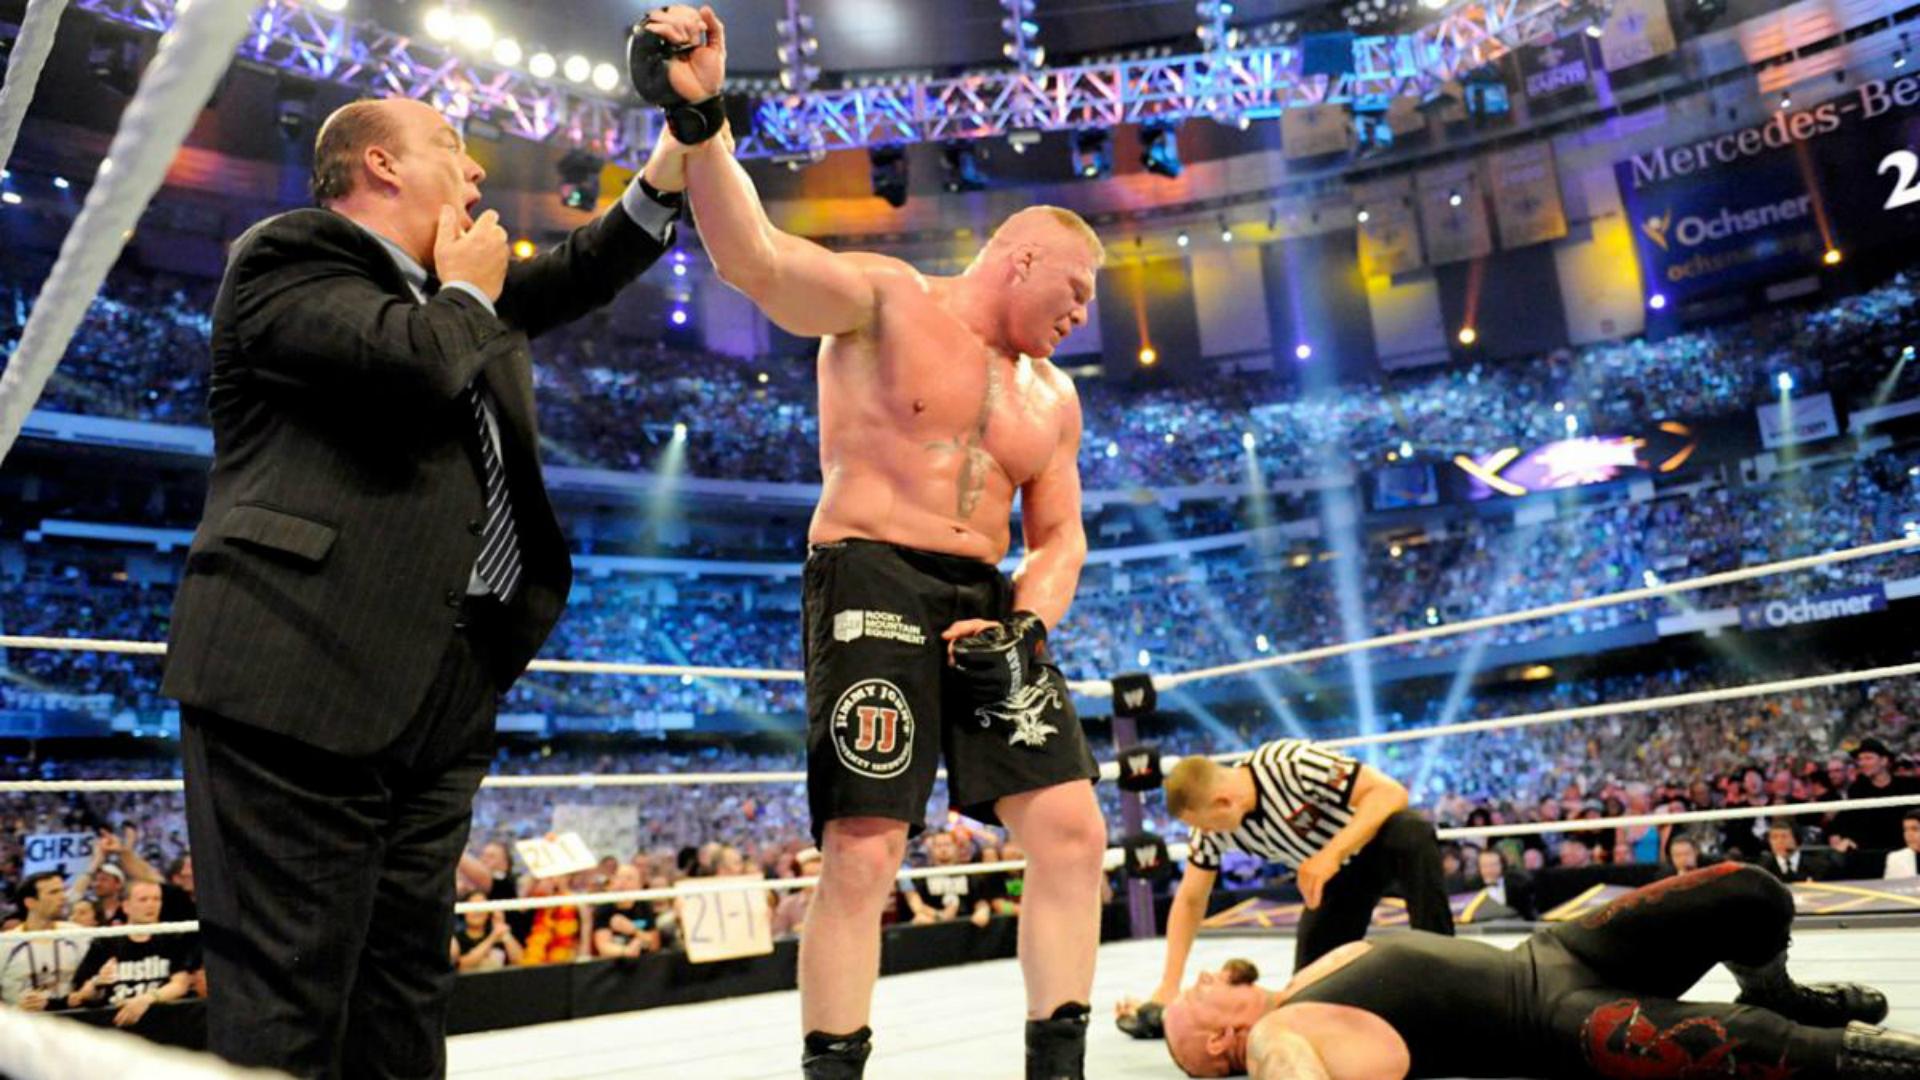 Former UFC Heavyweight Champ Lesnar hands Undertaker first Wrestlemania loss